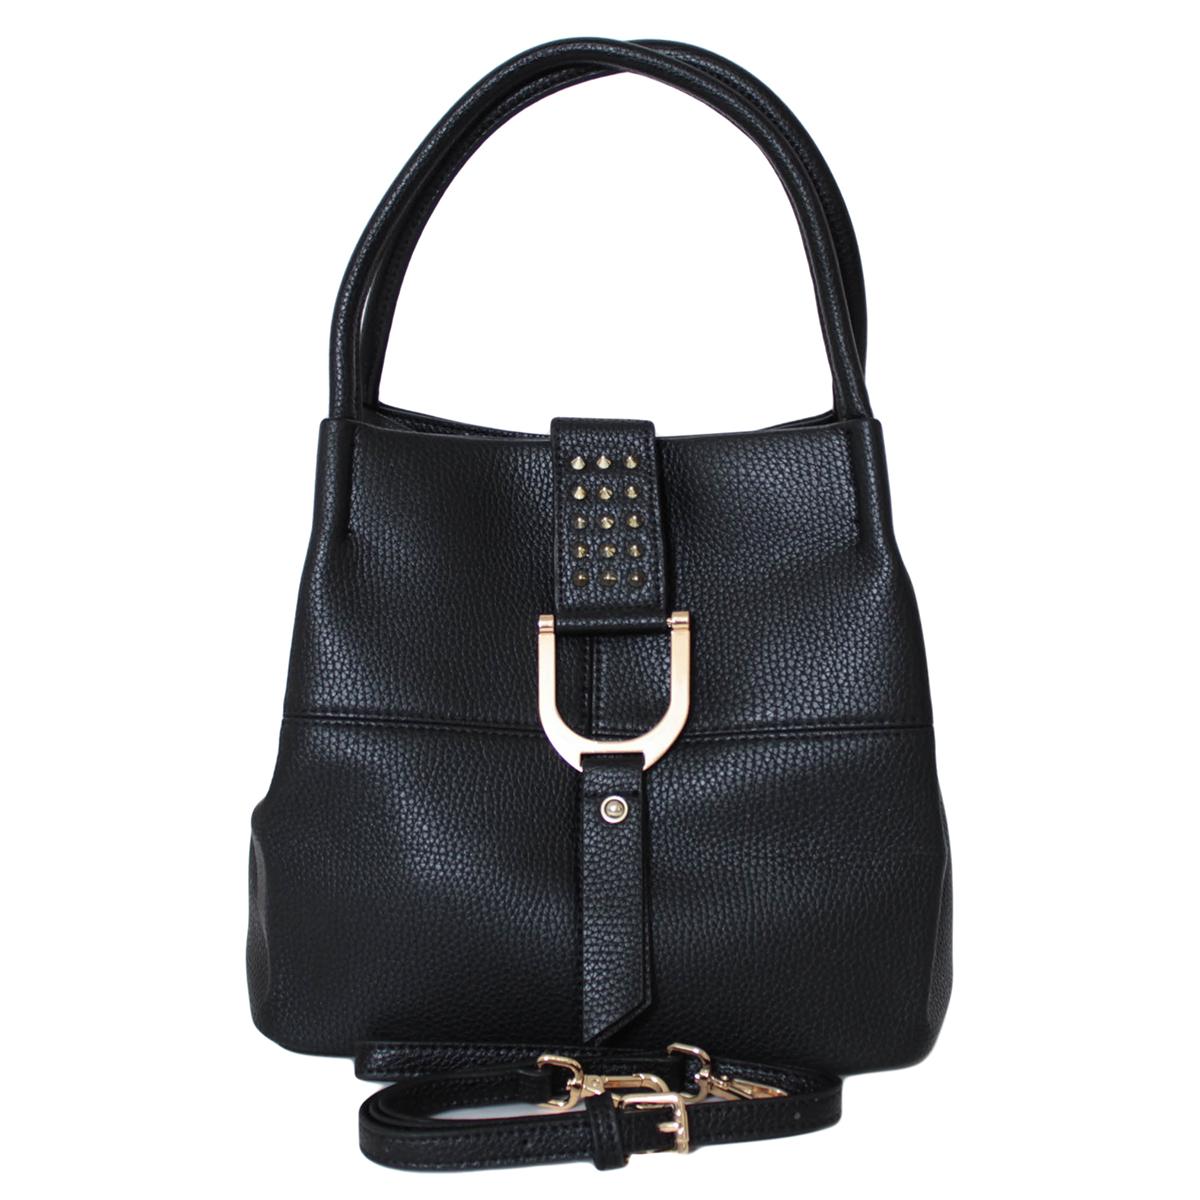 Сумка женская Flioraj, цвет: черный. 0005272200052722Сумка женская Flioraj закрывается на хлястик и магнитную кнопку. Внутри - одно отделение, один карман на молнии и два открытых кармана кармана. Есть длинный ремень.